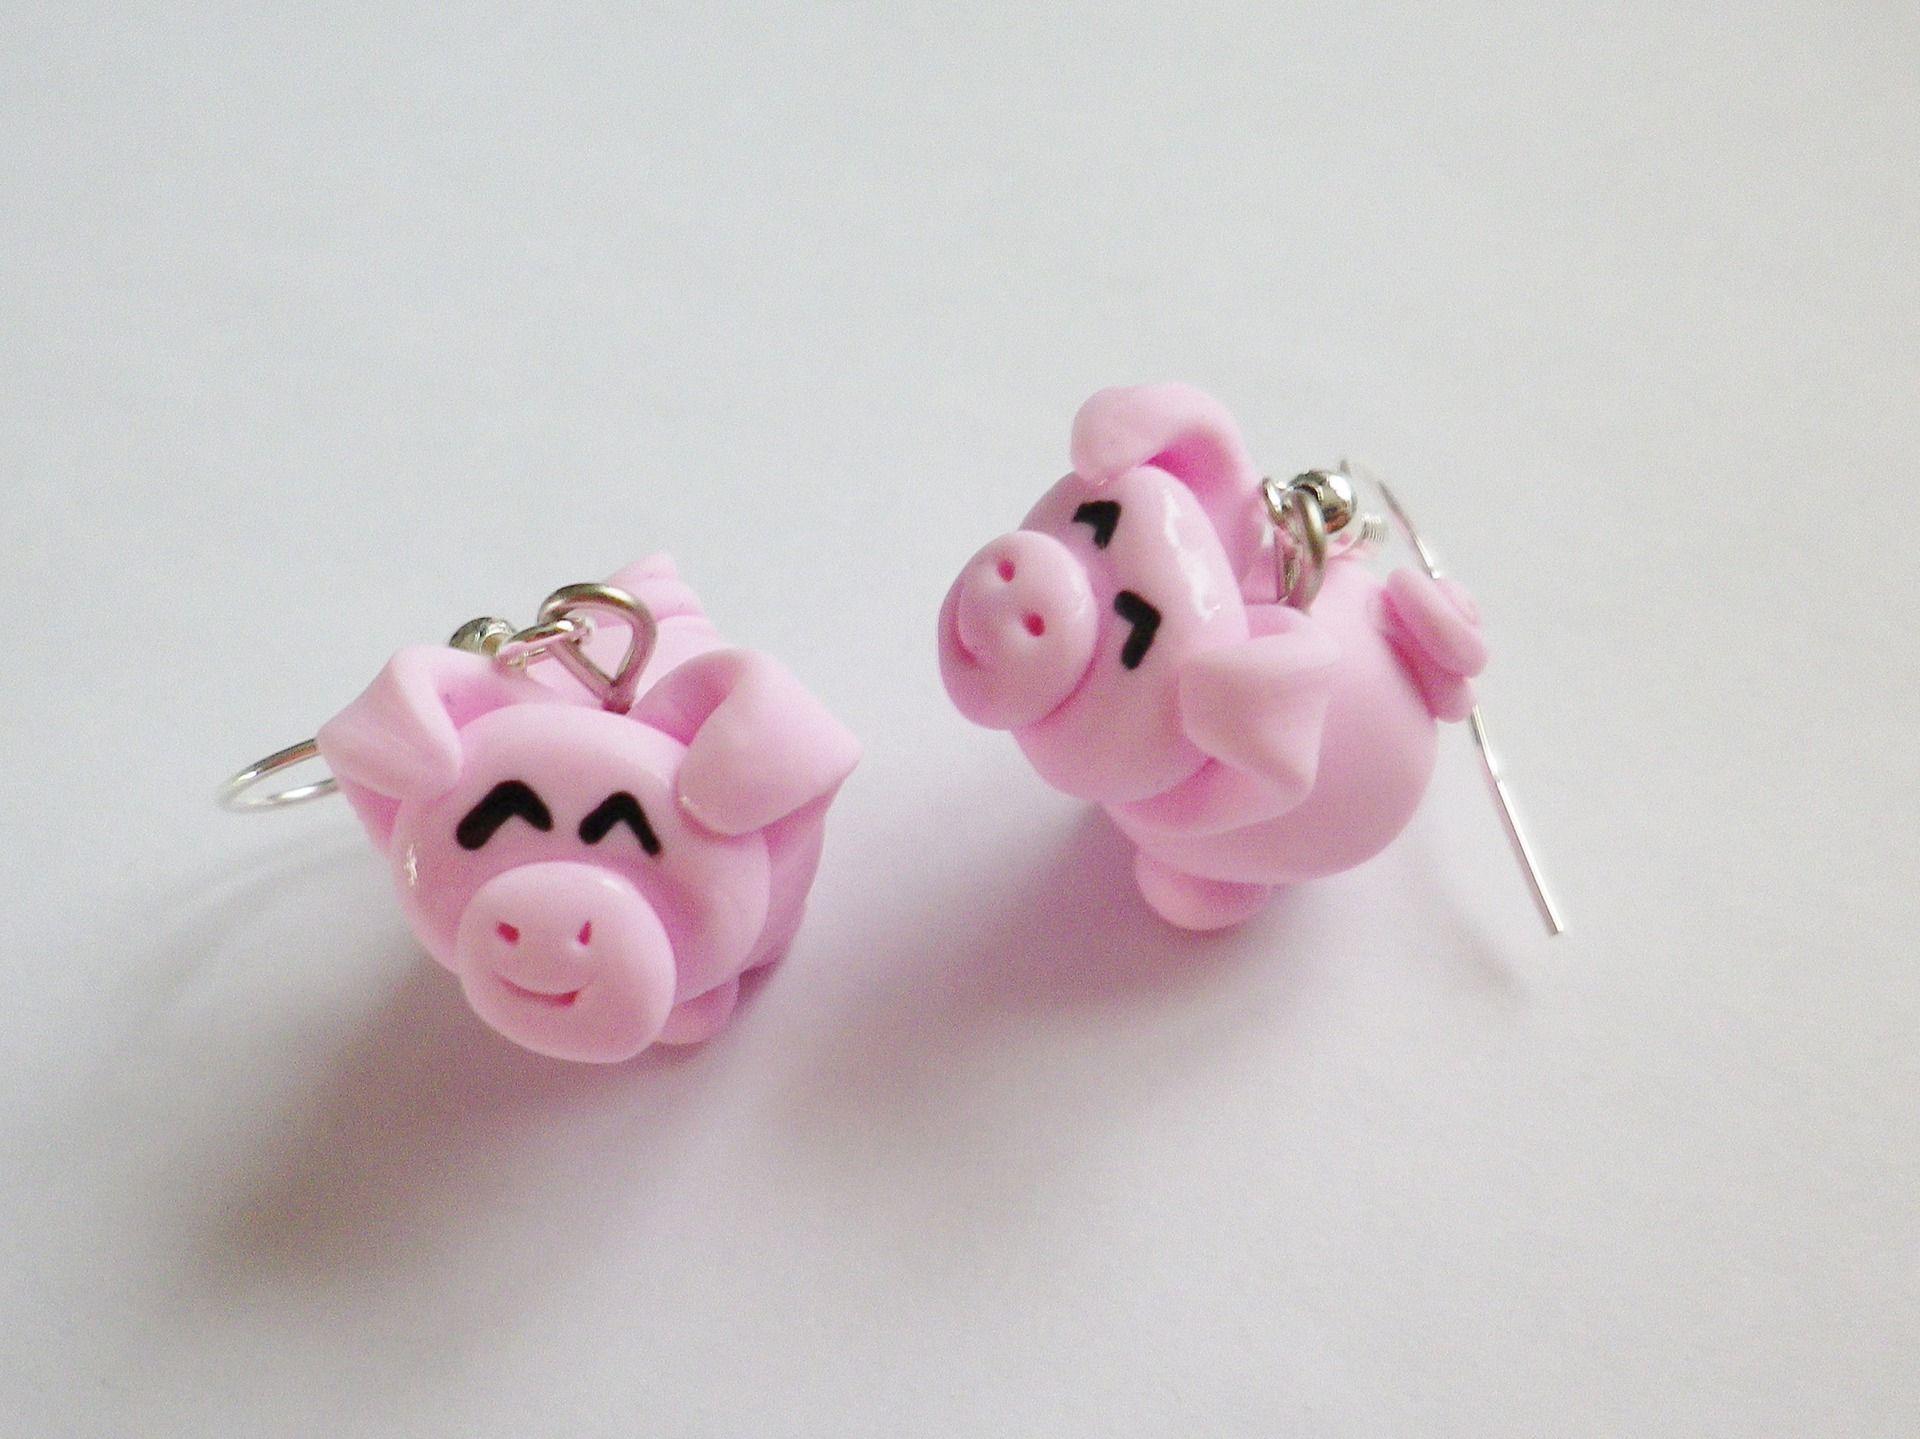 boucle d oreille cochon rose yeux kawaii en pate fimo rigolo boucles d 39 oreille par fimo relie. Black Bedroom Furniture Sets. Home Design Ideas